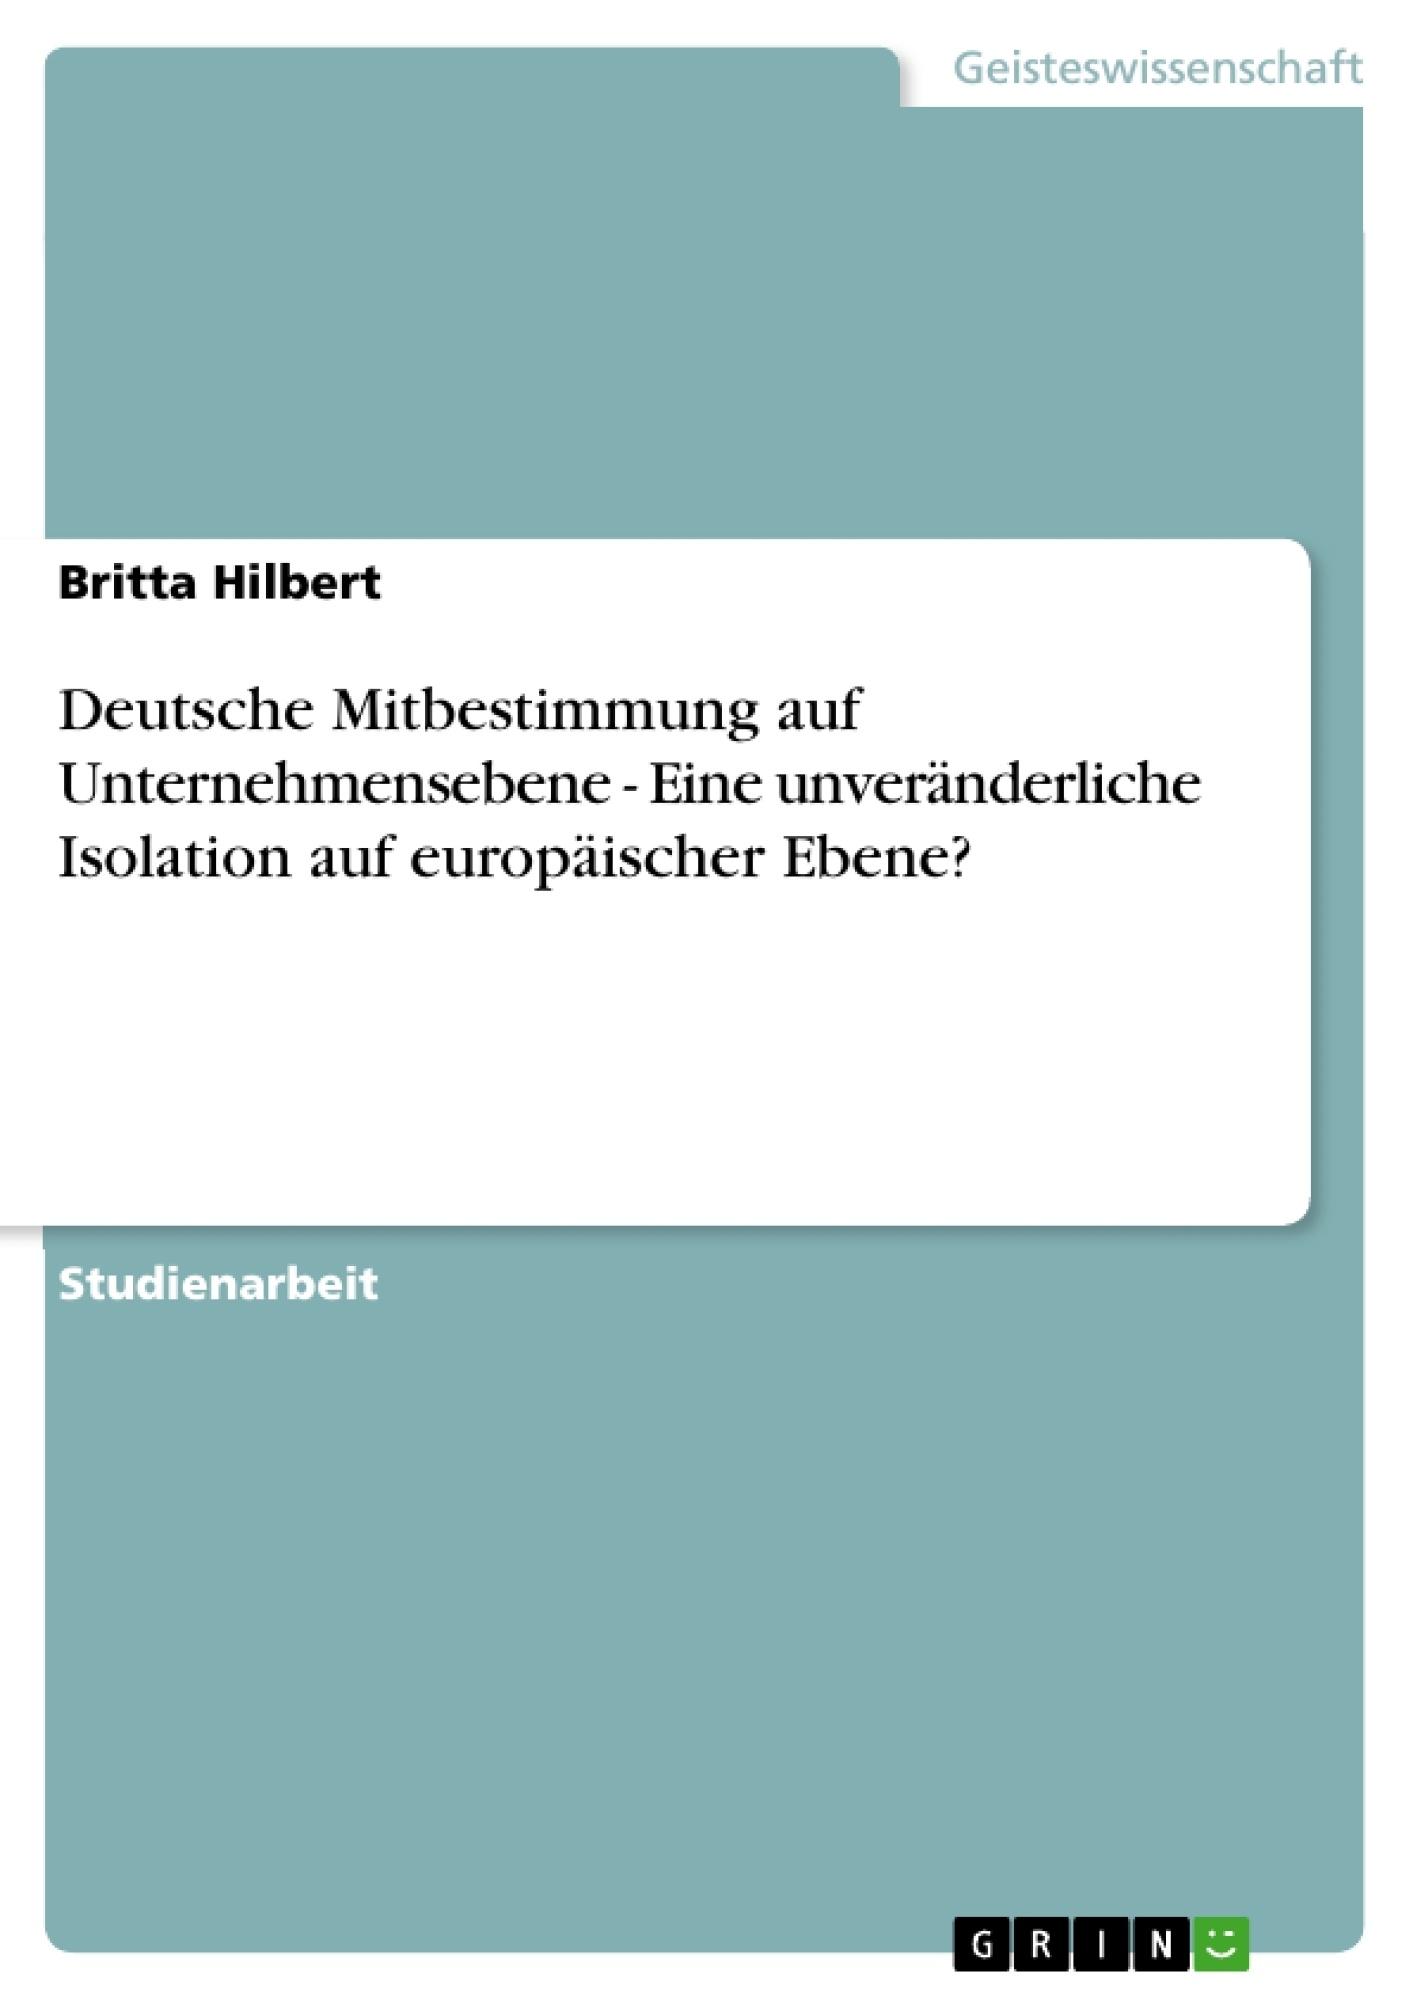 Titel: Deutsche Mitbestimmung auf Unternehmensebene - Eine unveränderliche Isolation auf europäischer Ebene?